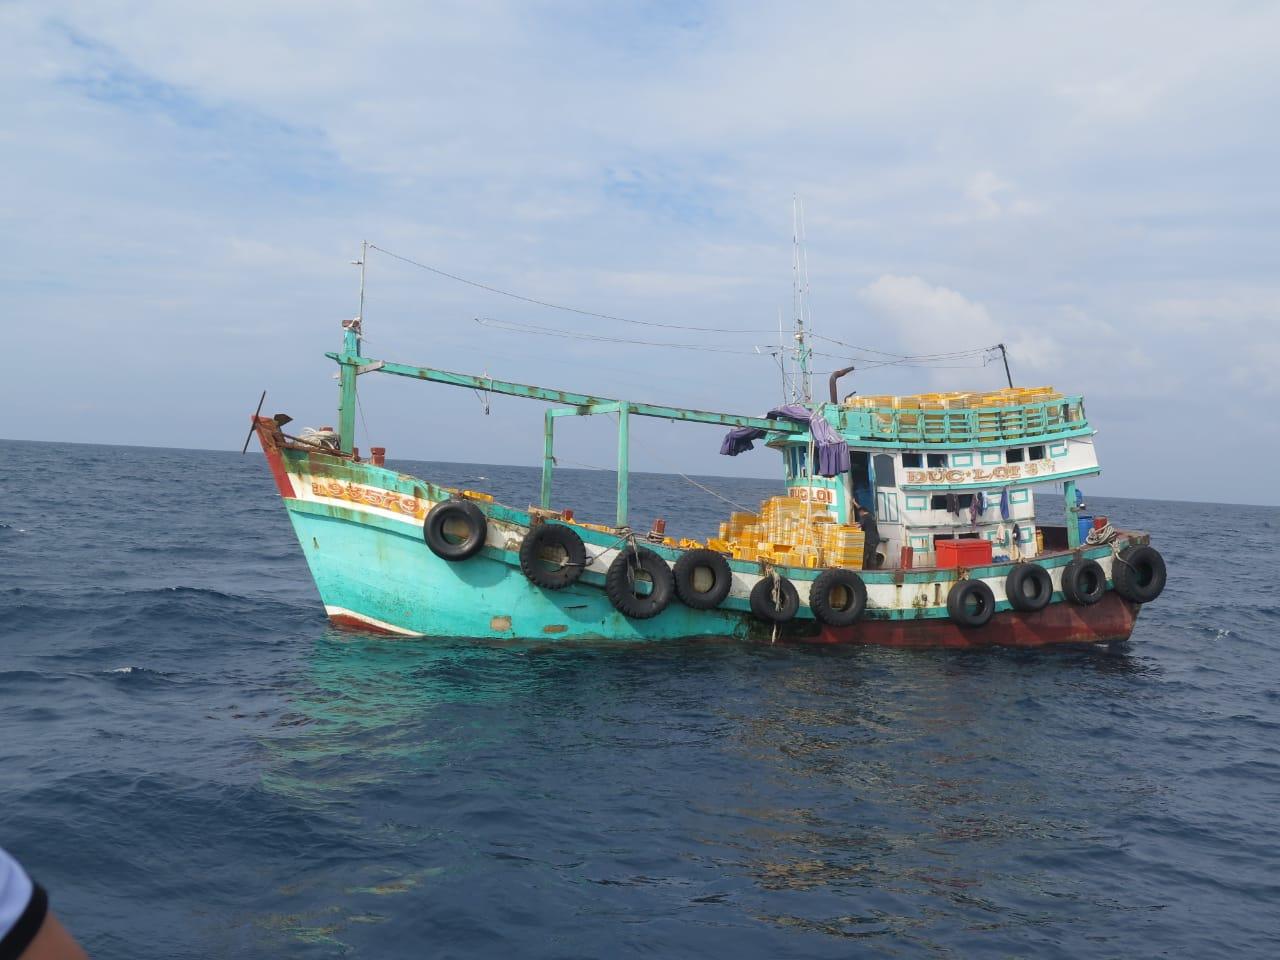 https: img-z.okeinfo.net content 2019 07 28 320 2084615 ri-kembali-tangkap-6-kapal-ilegal-dari-vietnam-dan-filipina-wcaTBlhcIc.jpg